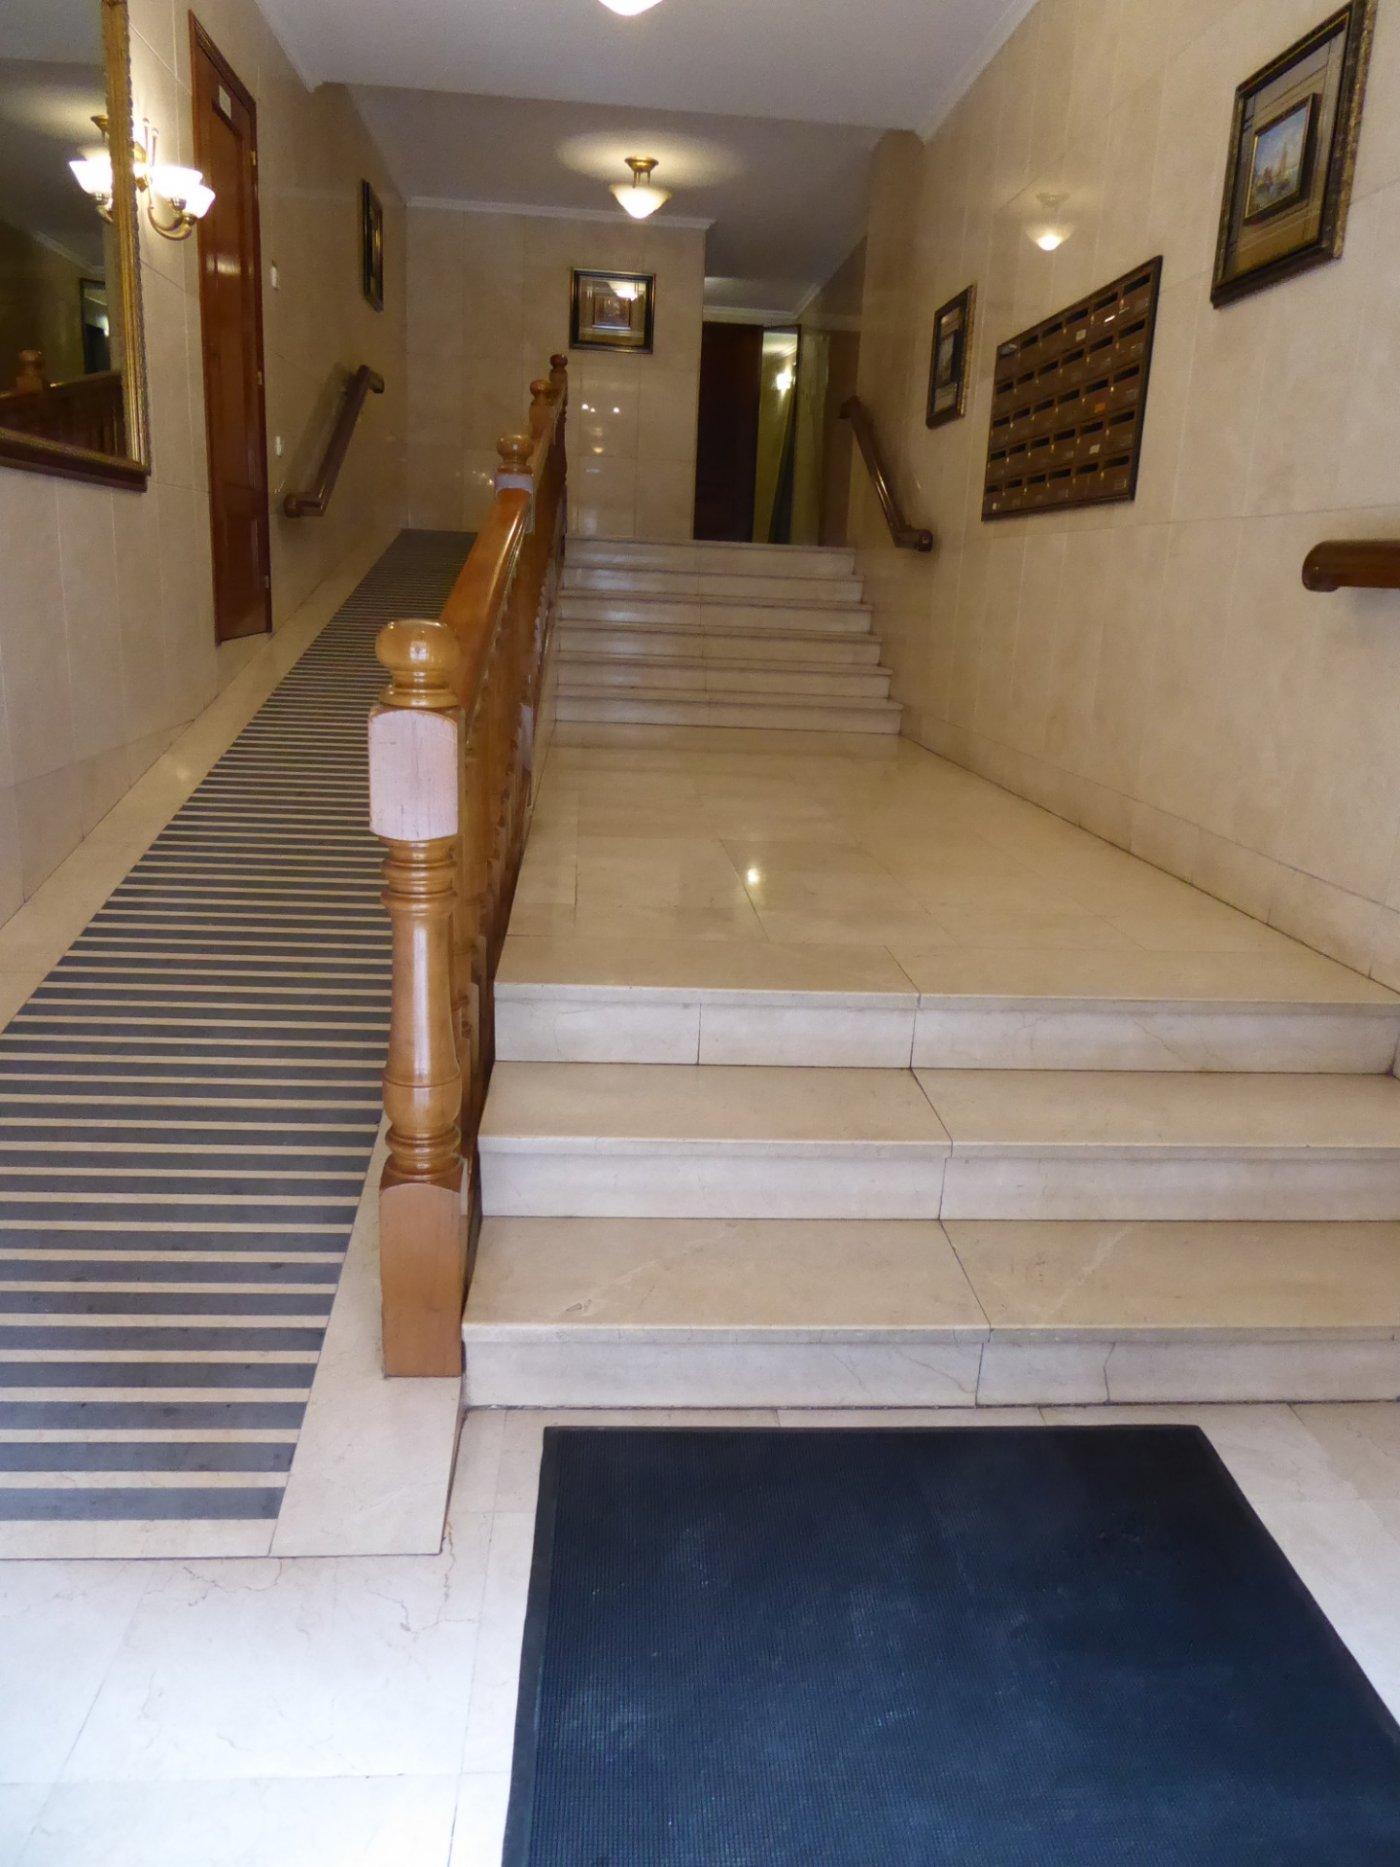 Alquiler de piso en gijon - imagenInmueble27